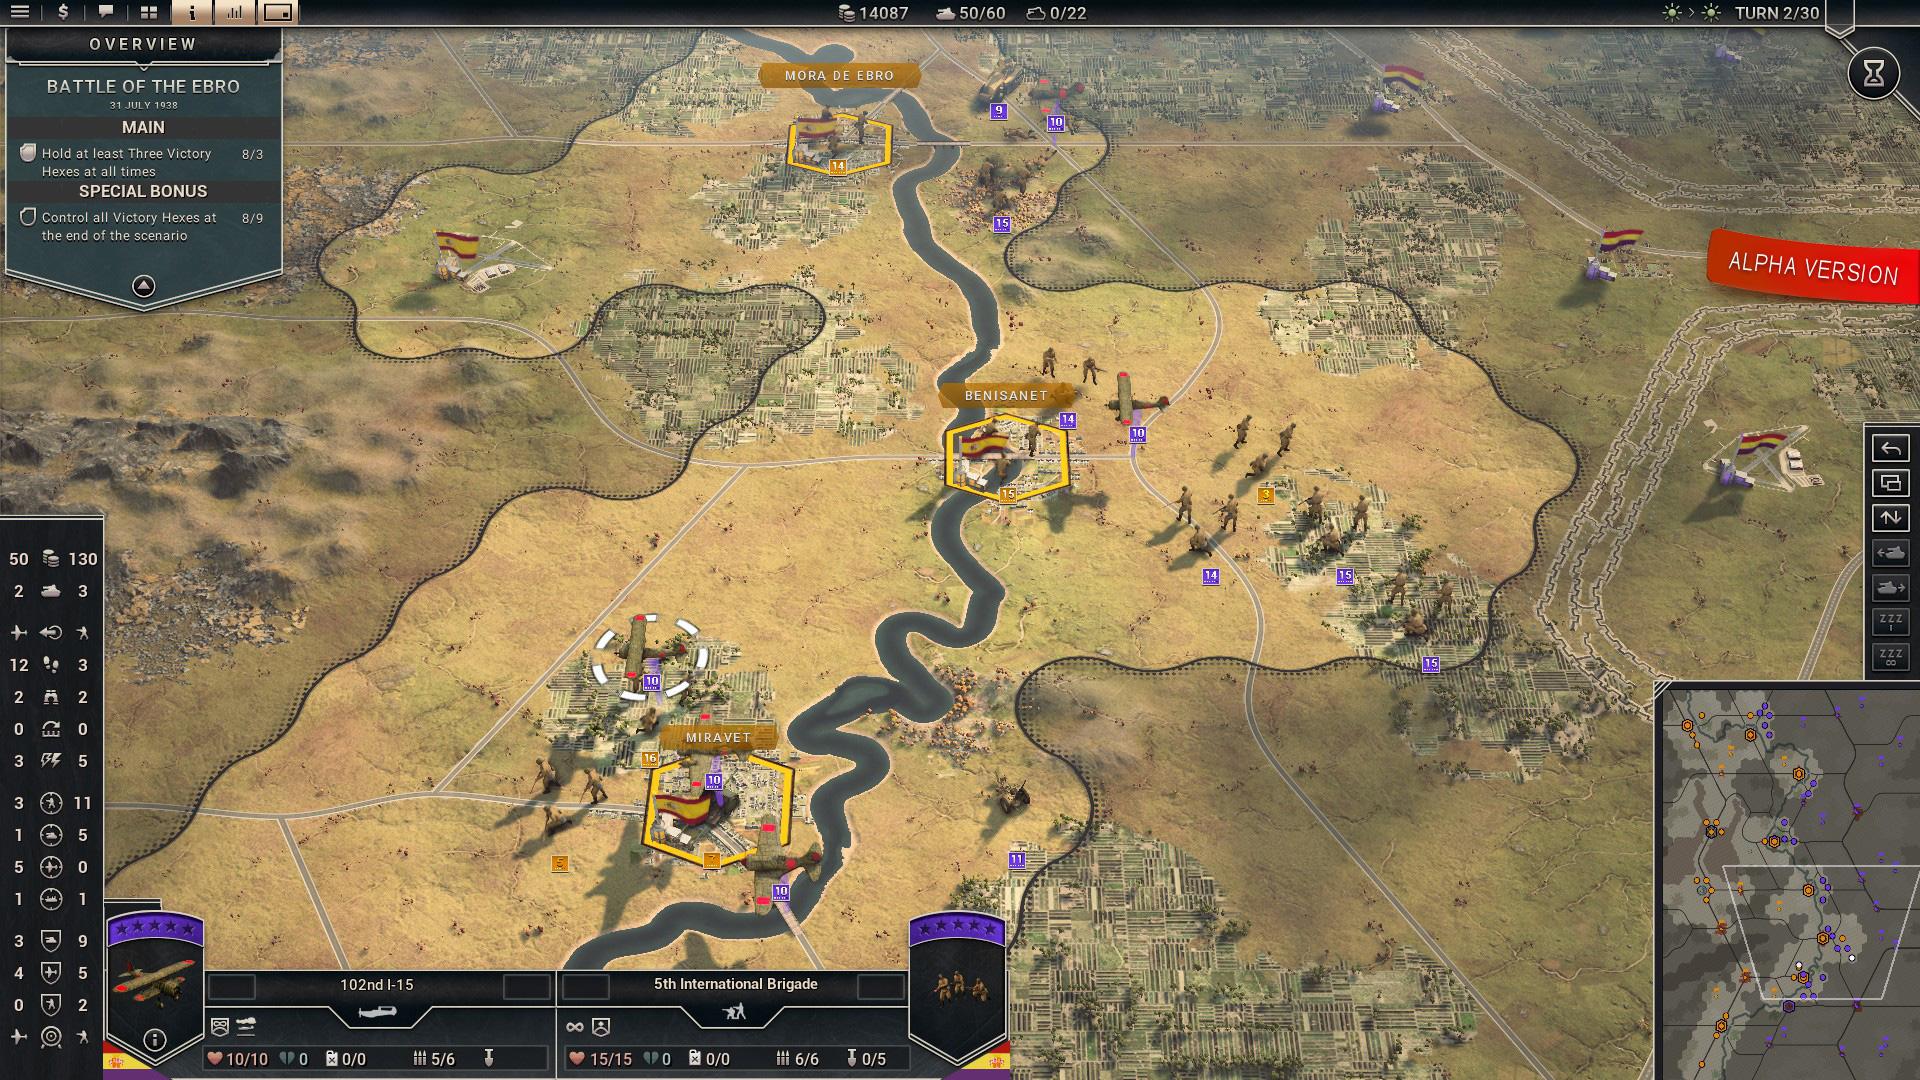 Noticias sobre juegos de SLITHERINE y MATRIX GAMES - Página 3 PC2-SpanishCivilWar_screenshot2